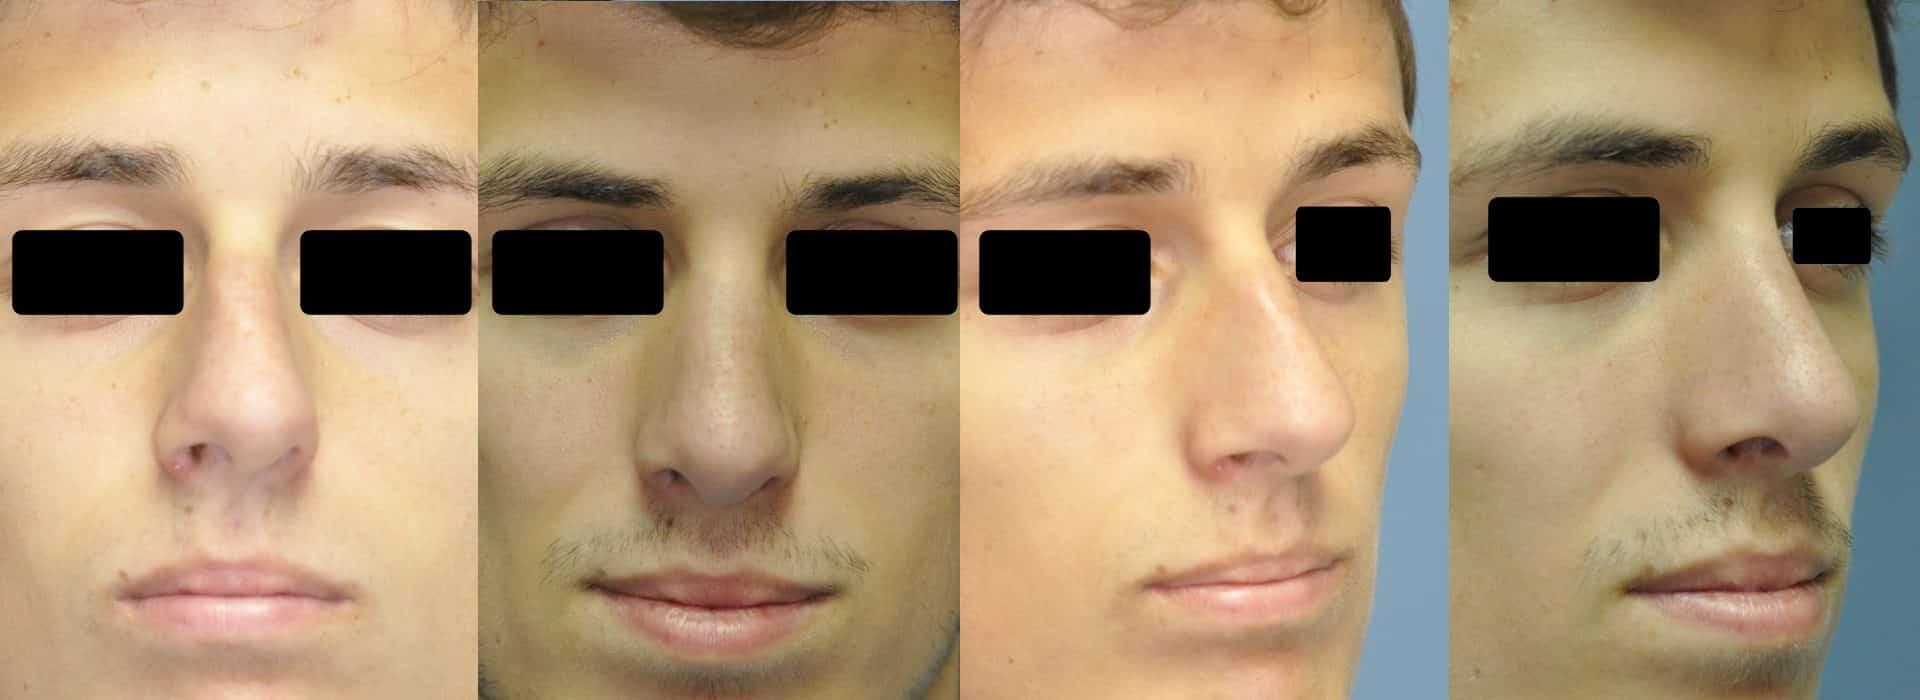 ¿A partir de qué edad se puede hacer una operación de nariz?